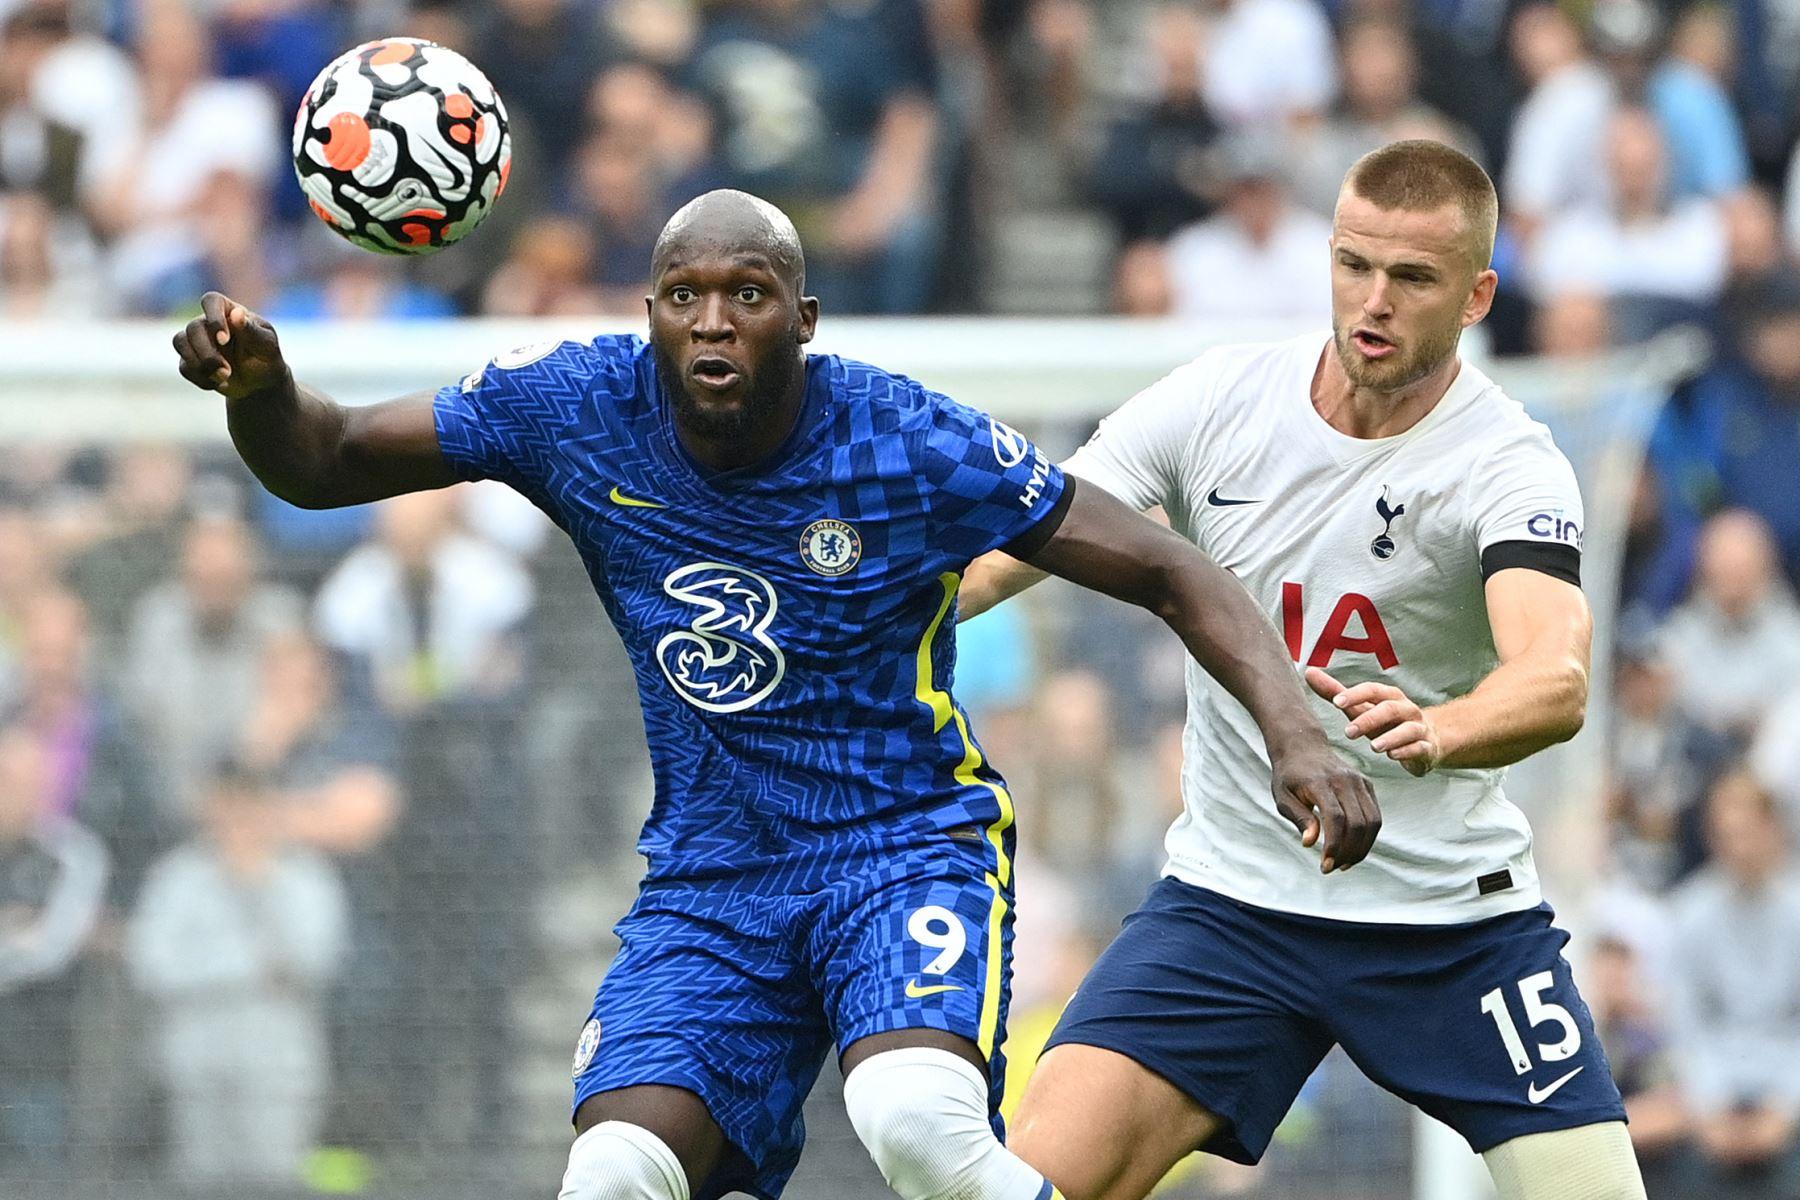 El delantero belga del Chelsea, Romelu Lukaku, es desafiado por el defensor inglés del Tottenham Hotspur, Eric Dier, durante el partido de la Premier League. Foto: AFP